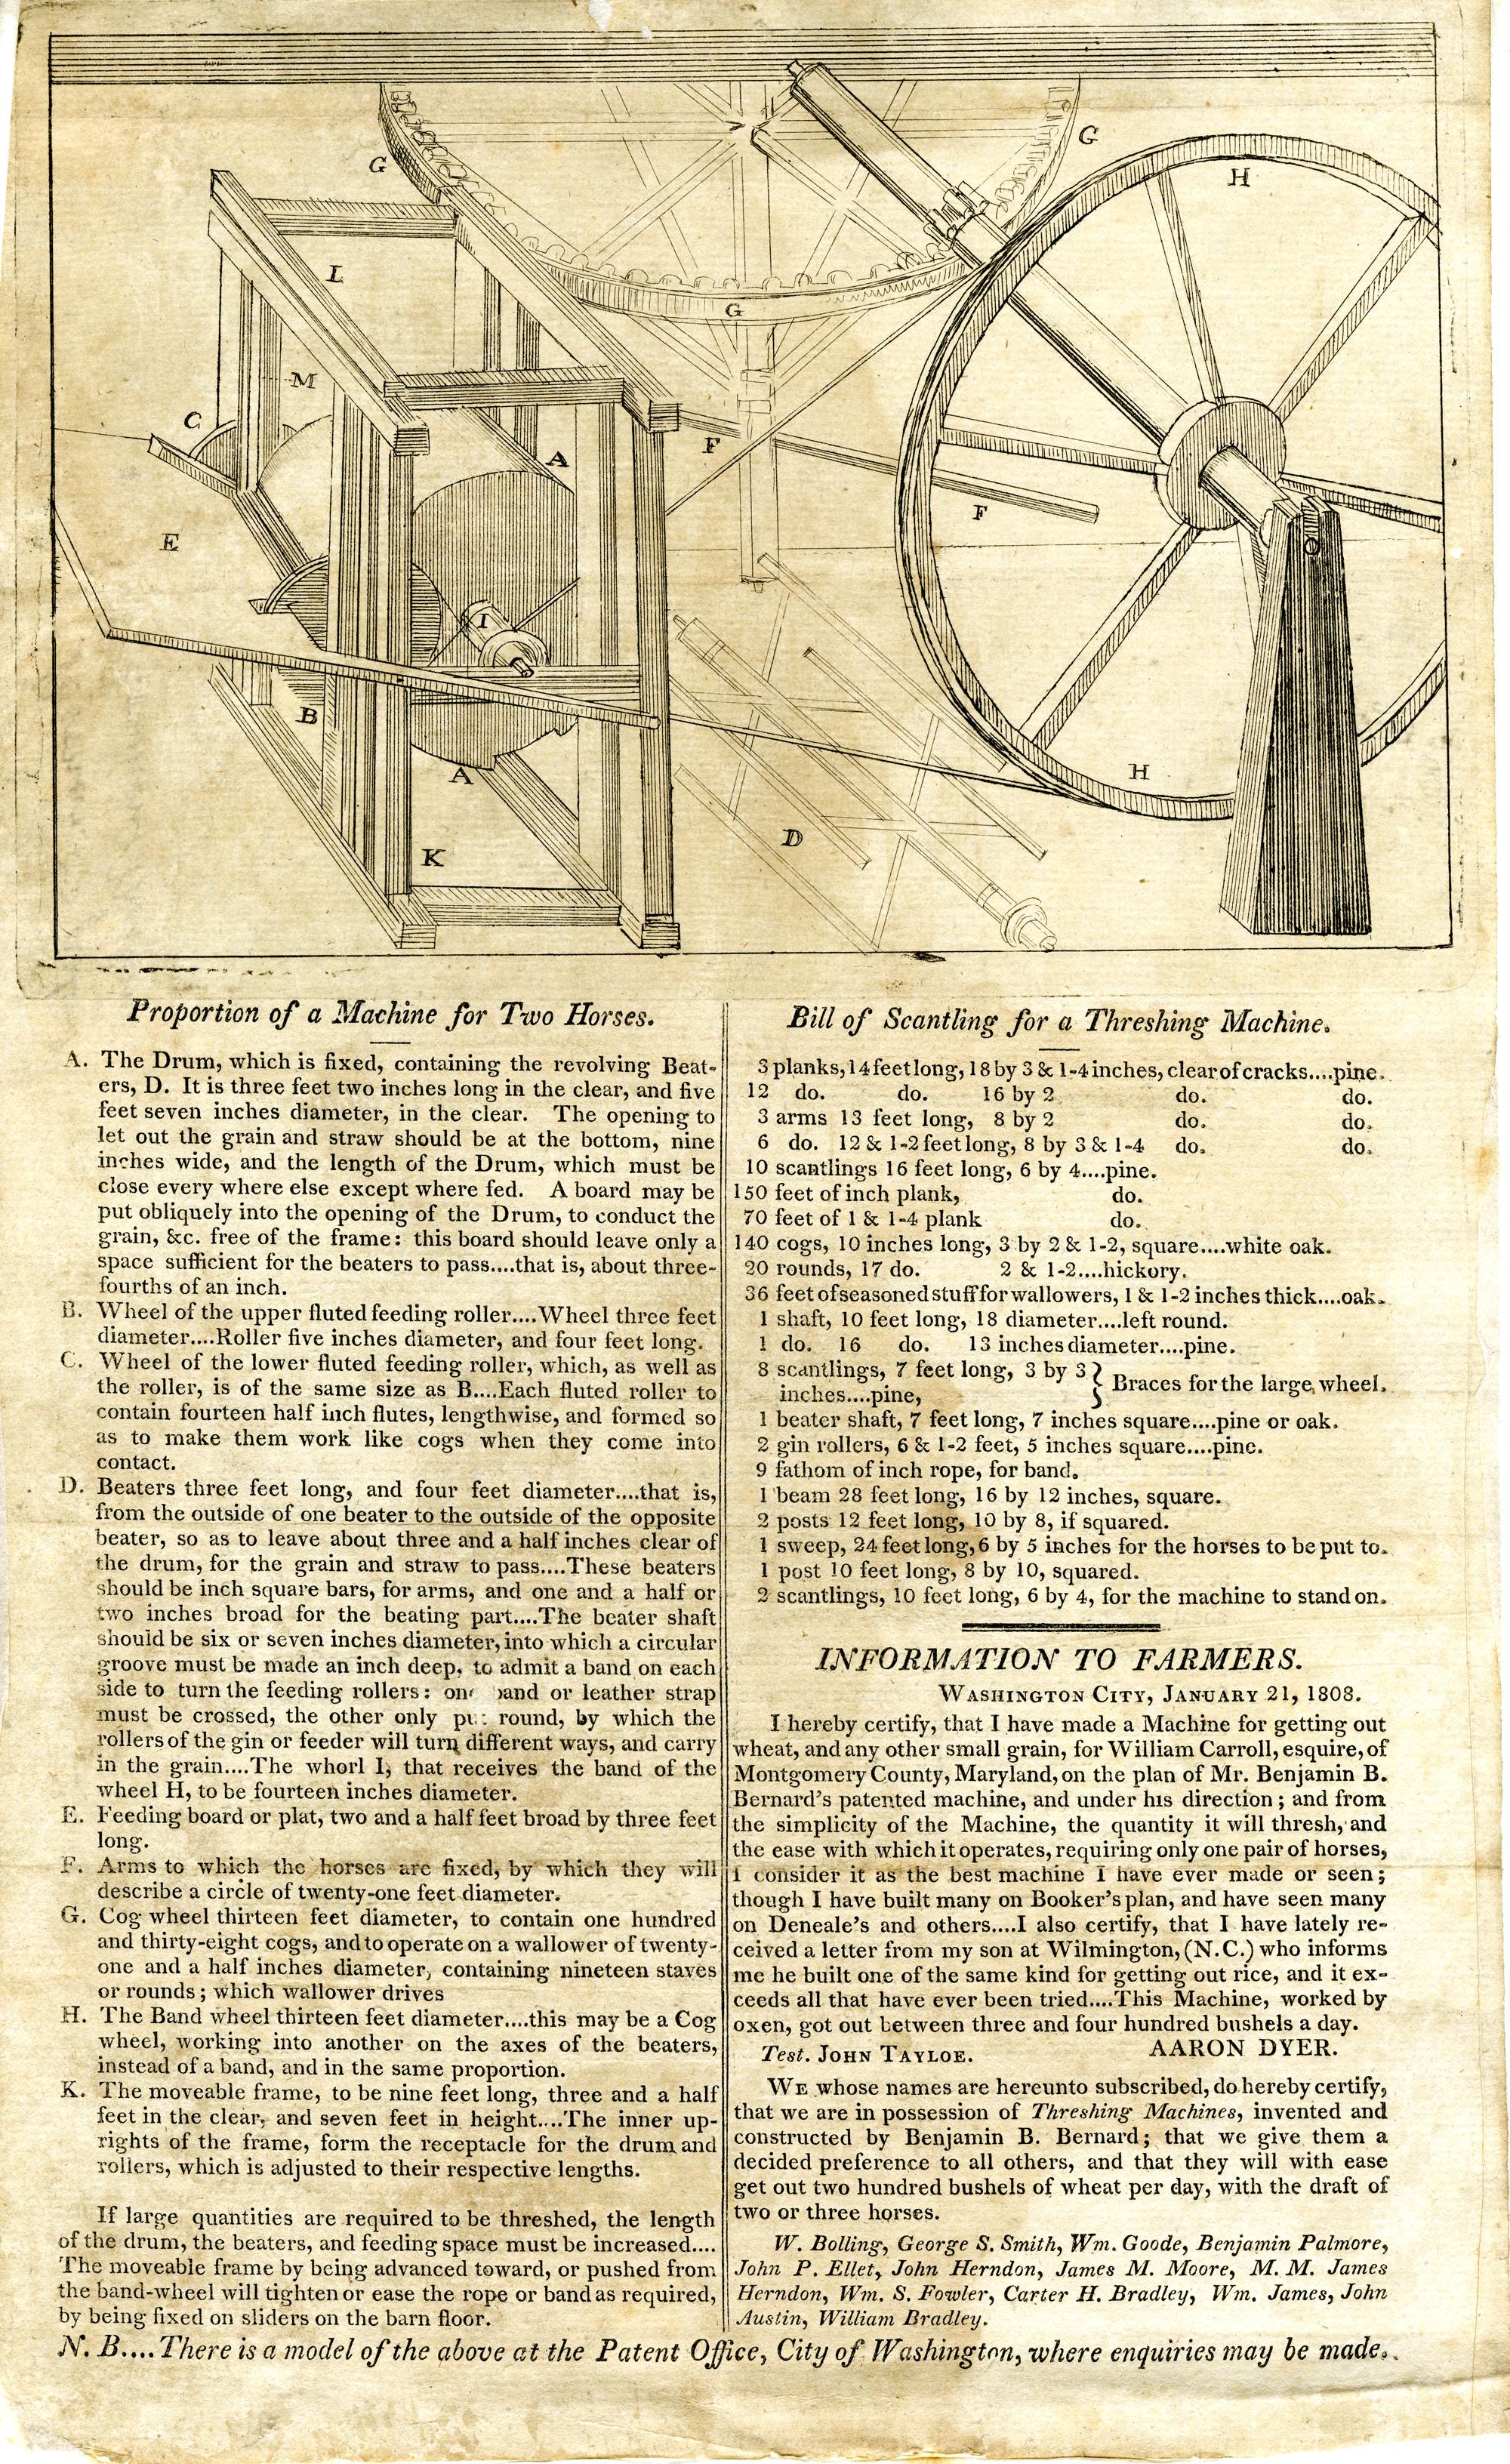 Bernard's patent threshing machine